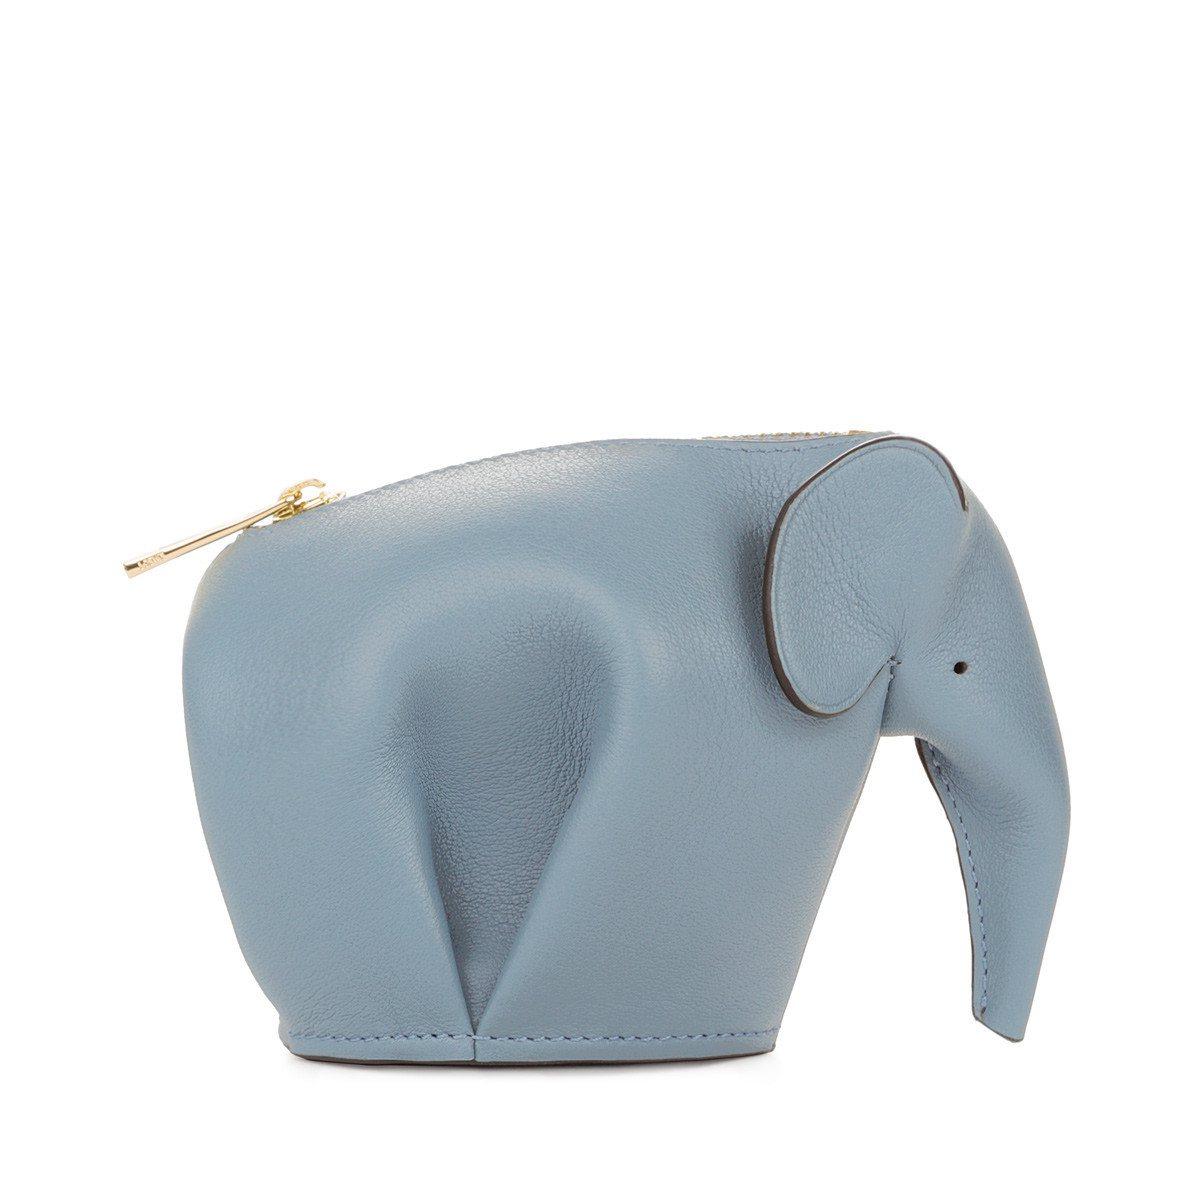 LOEWE大象造型藍色小牛皮零錢包,售價15,000元。圖/LOEWE提供